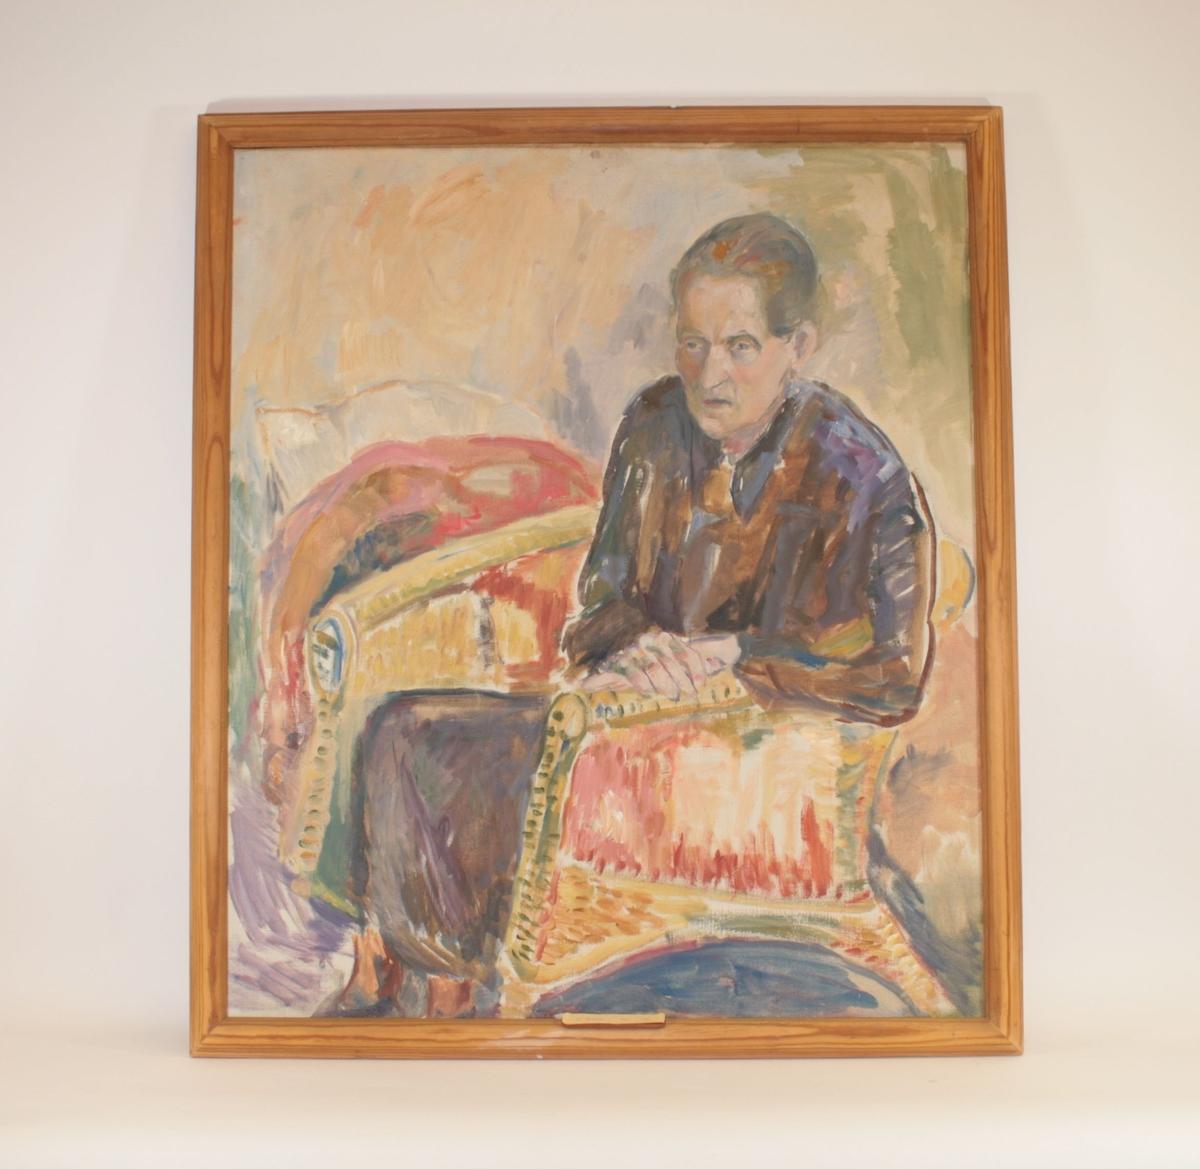 En kvinne sitter i en kurvstol med begge hendene foldet på høyre armlene. Hun har på seg en mørk kjole og ser ut til venstre i bildet. Håret er gredd bakover og festet i en knute i nakken. Lys bakgrunn med en rød avrundet form bak venstre side av stolen.